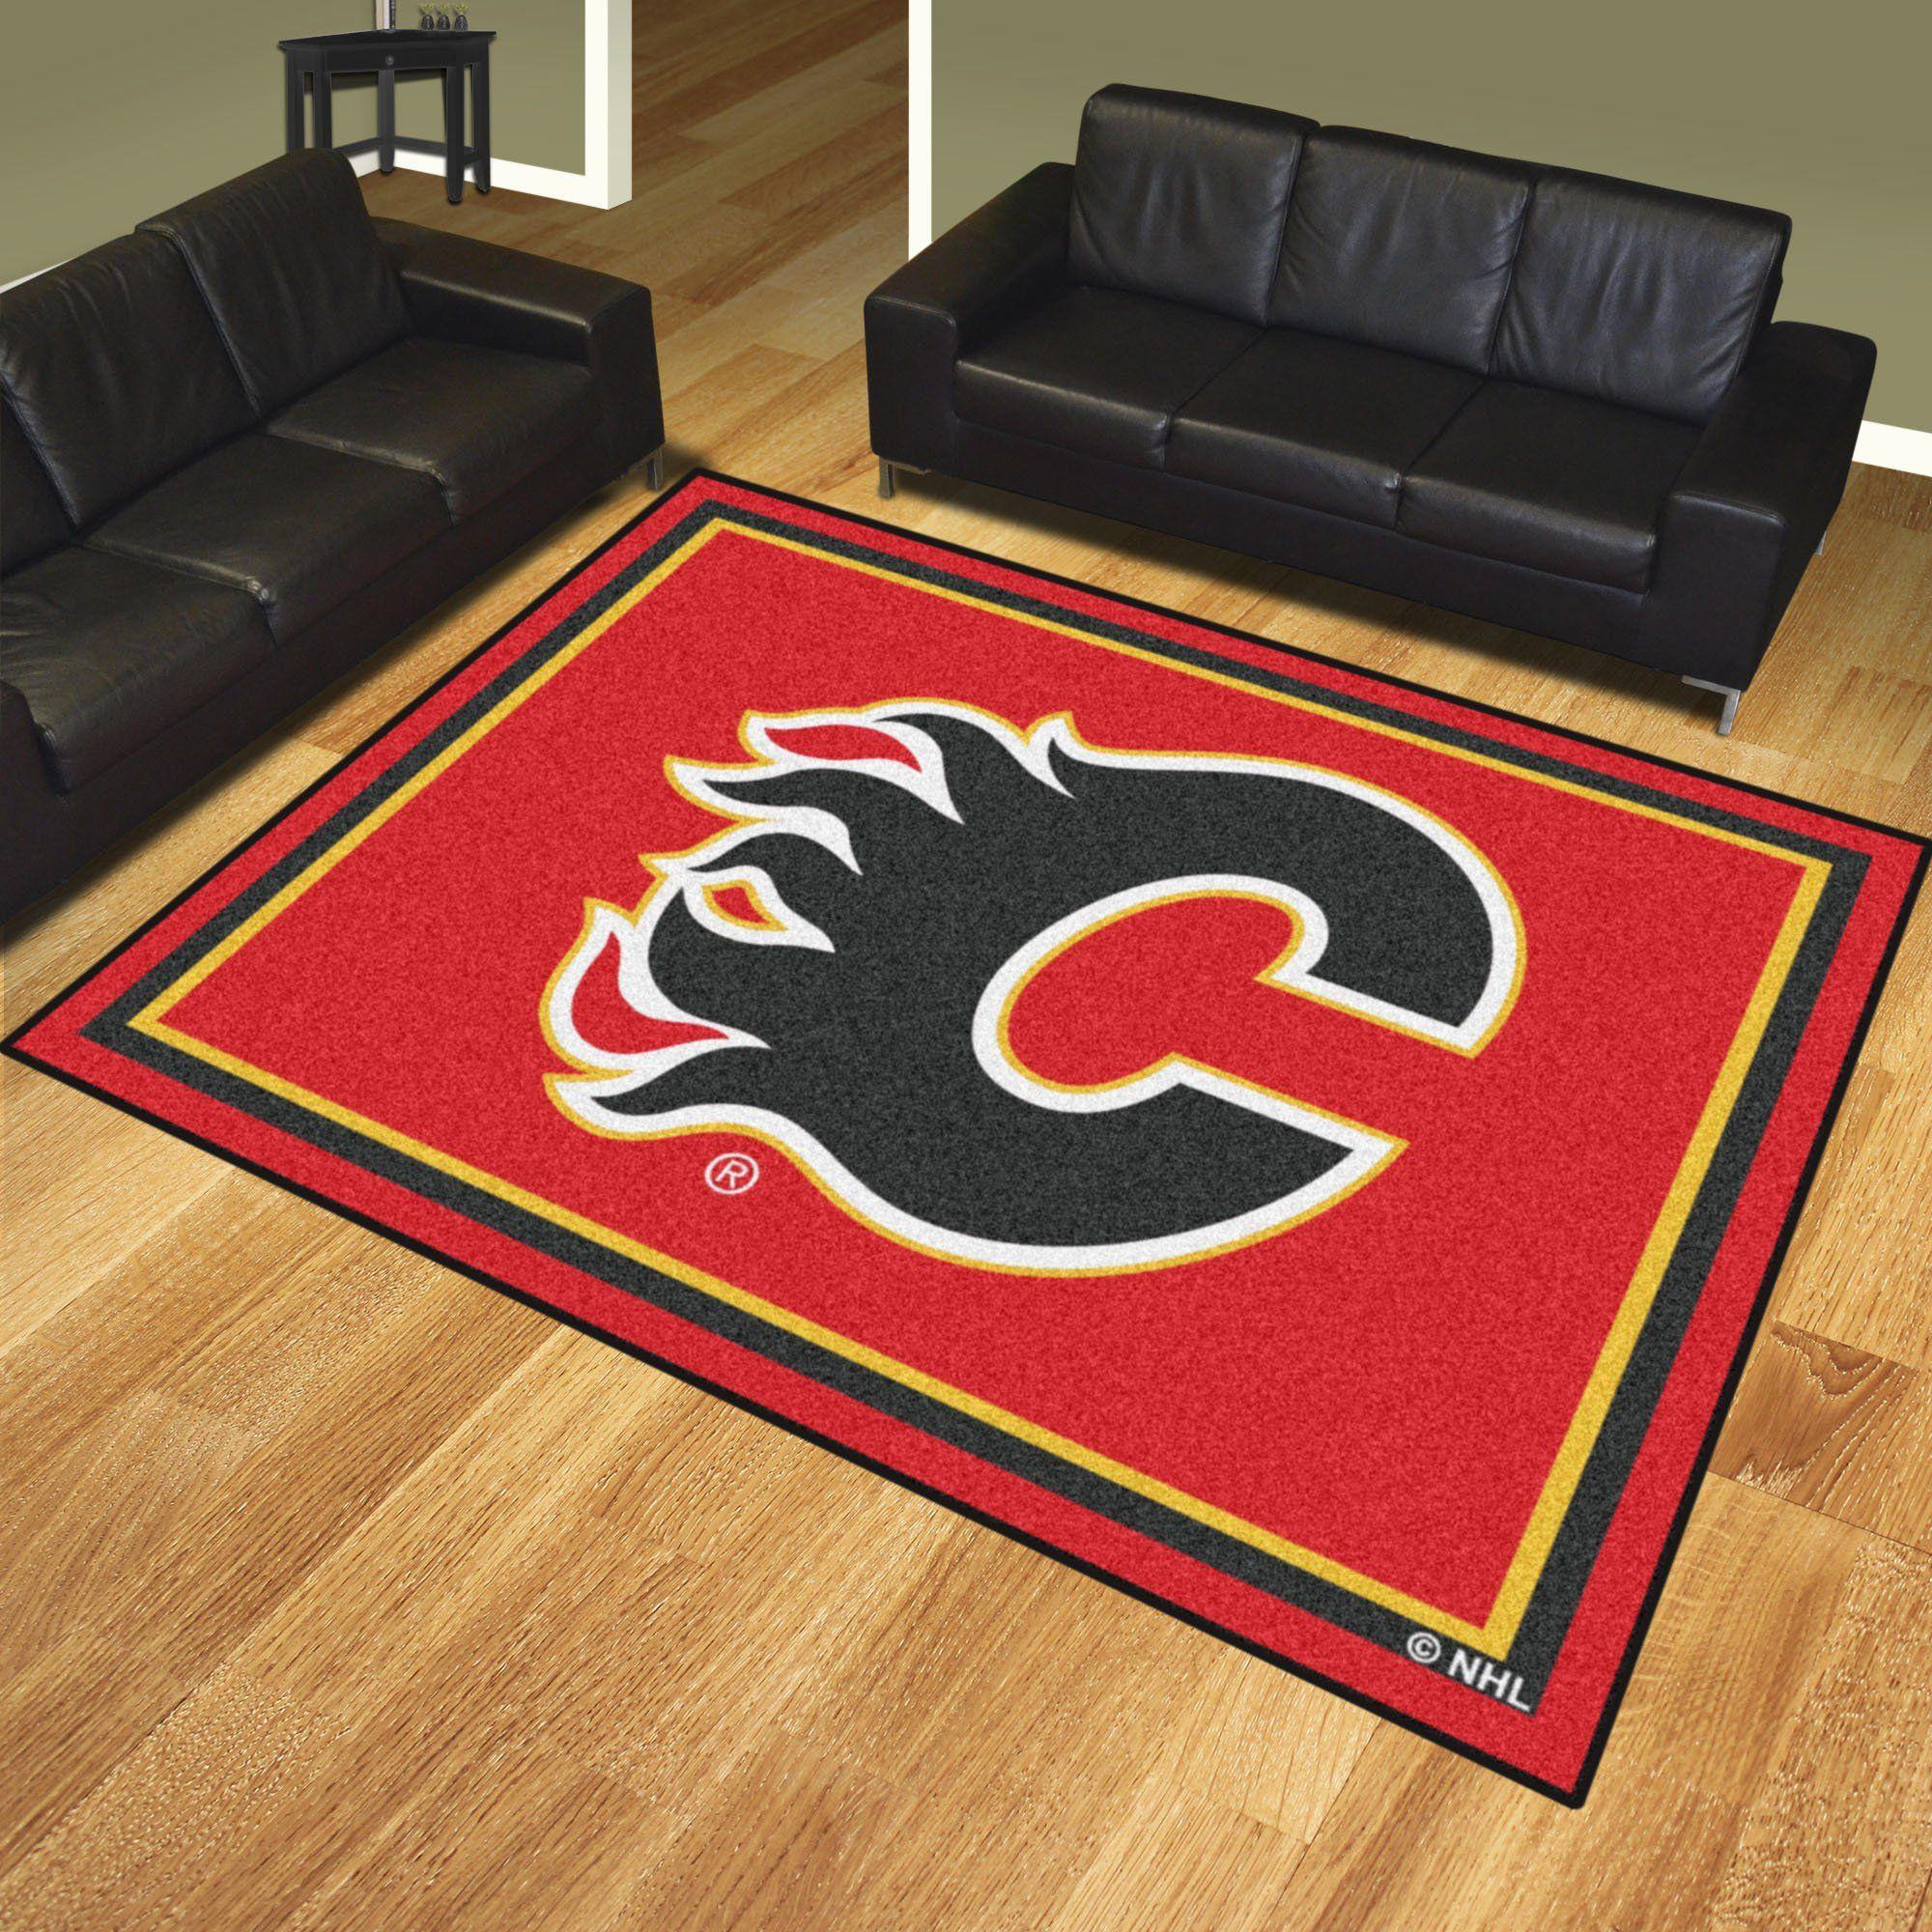 Nhl Calgary Flames 8 X10 Rug In 2020